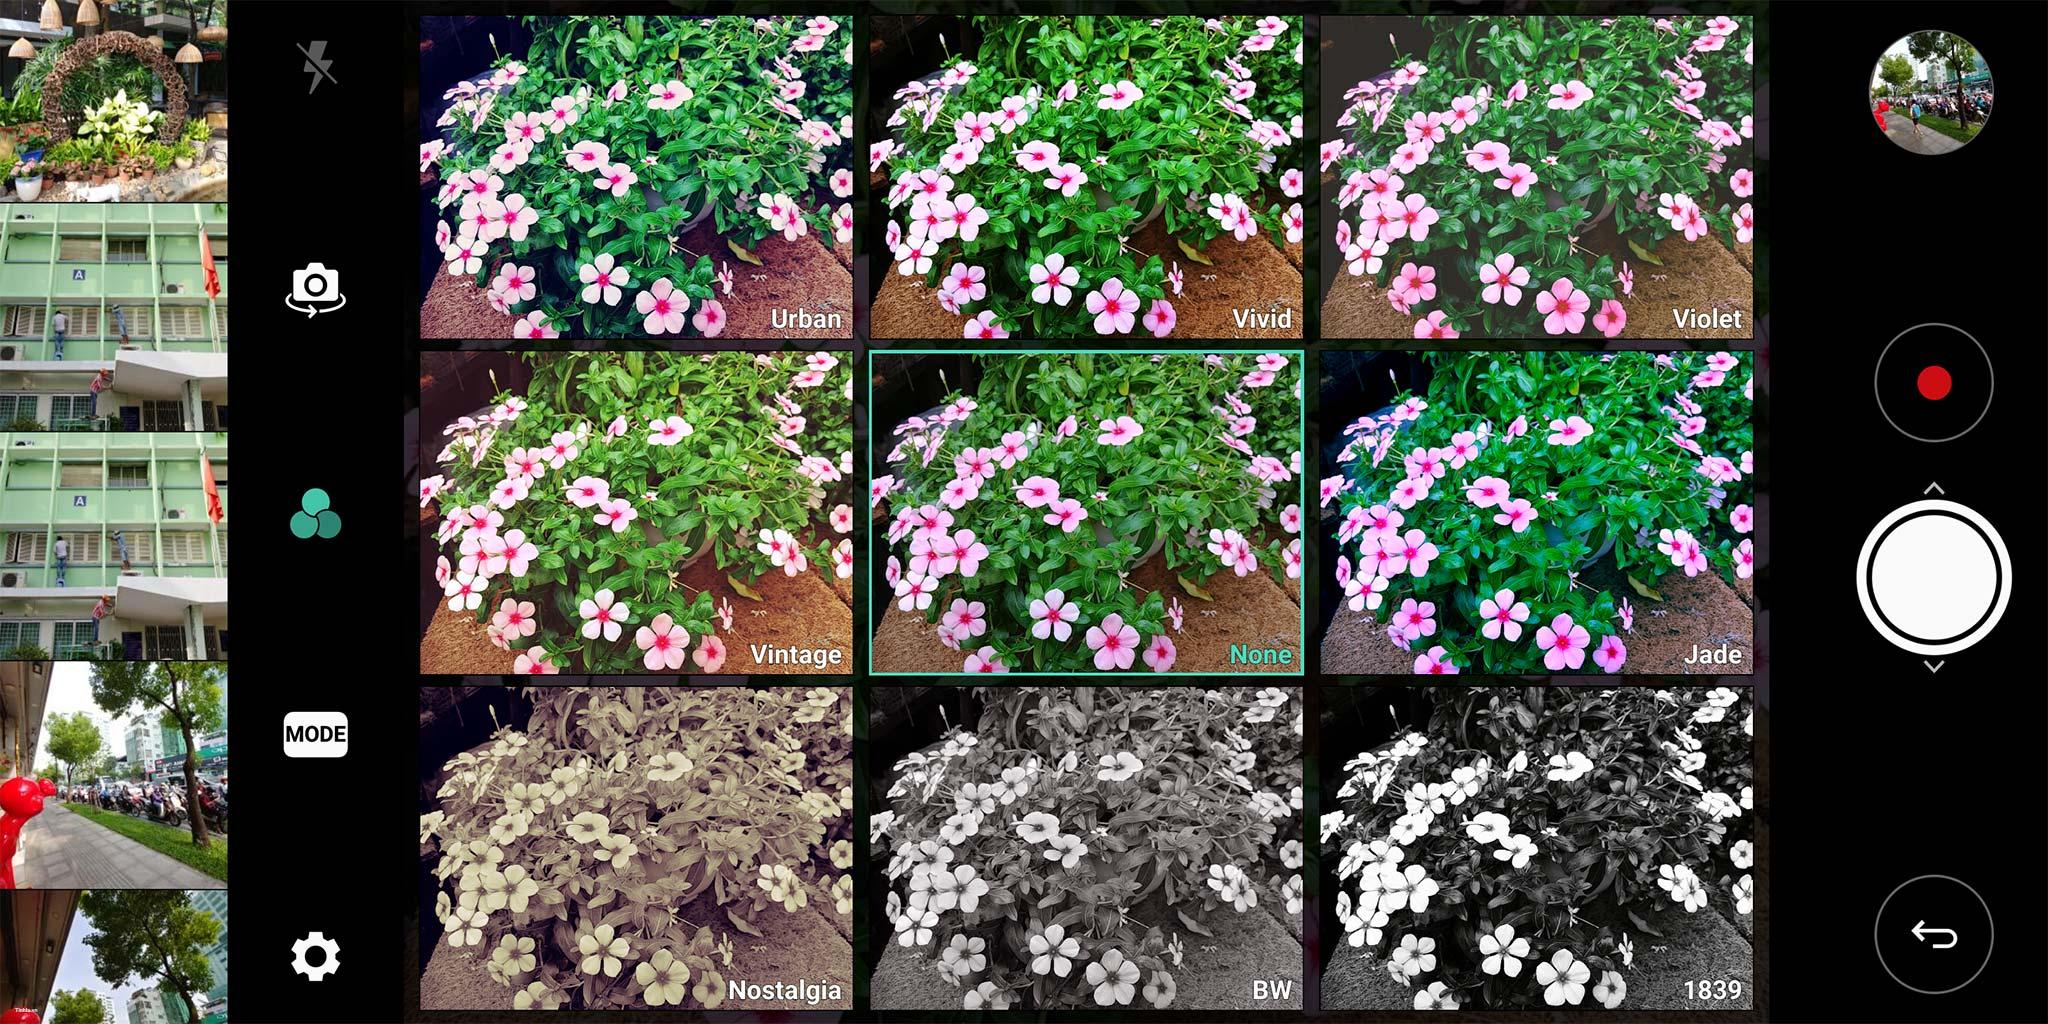 anh-chup-thu-LG-V30---scrs---Camera.tinhte.vn---4.jpg